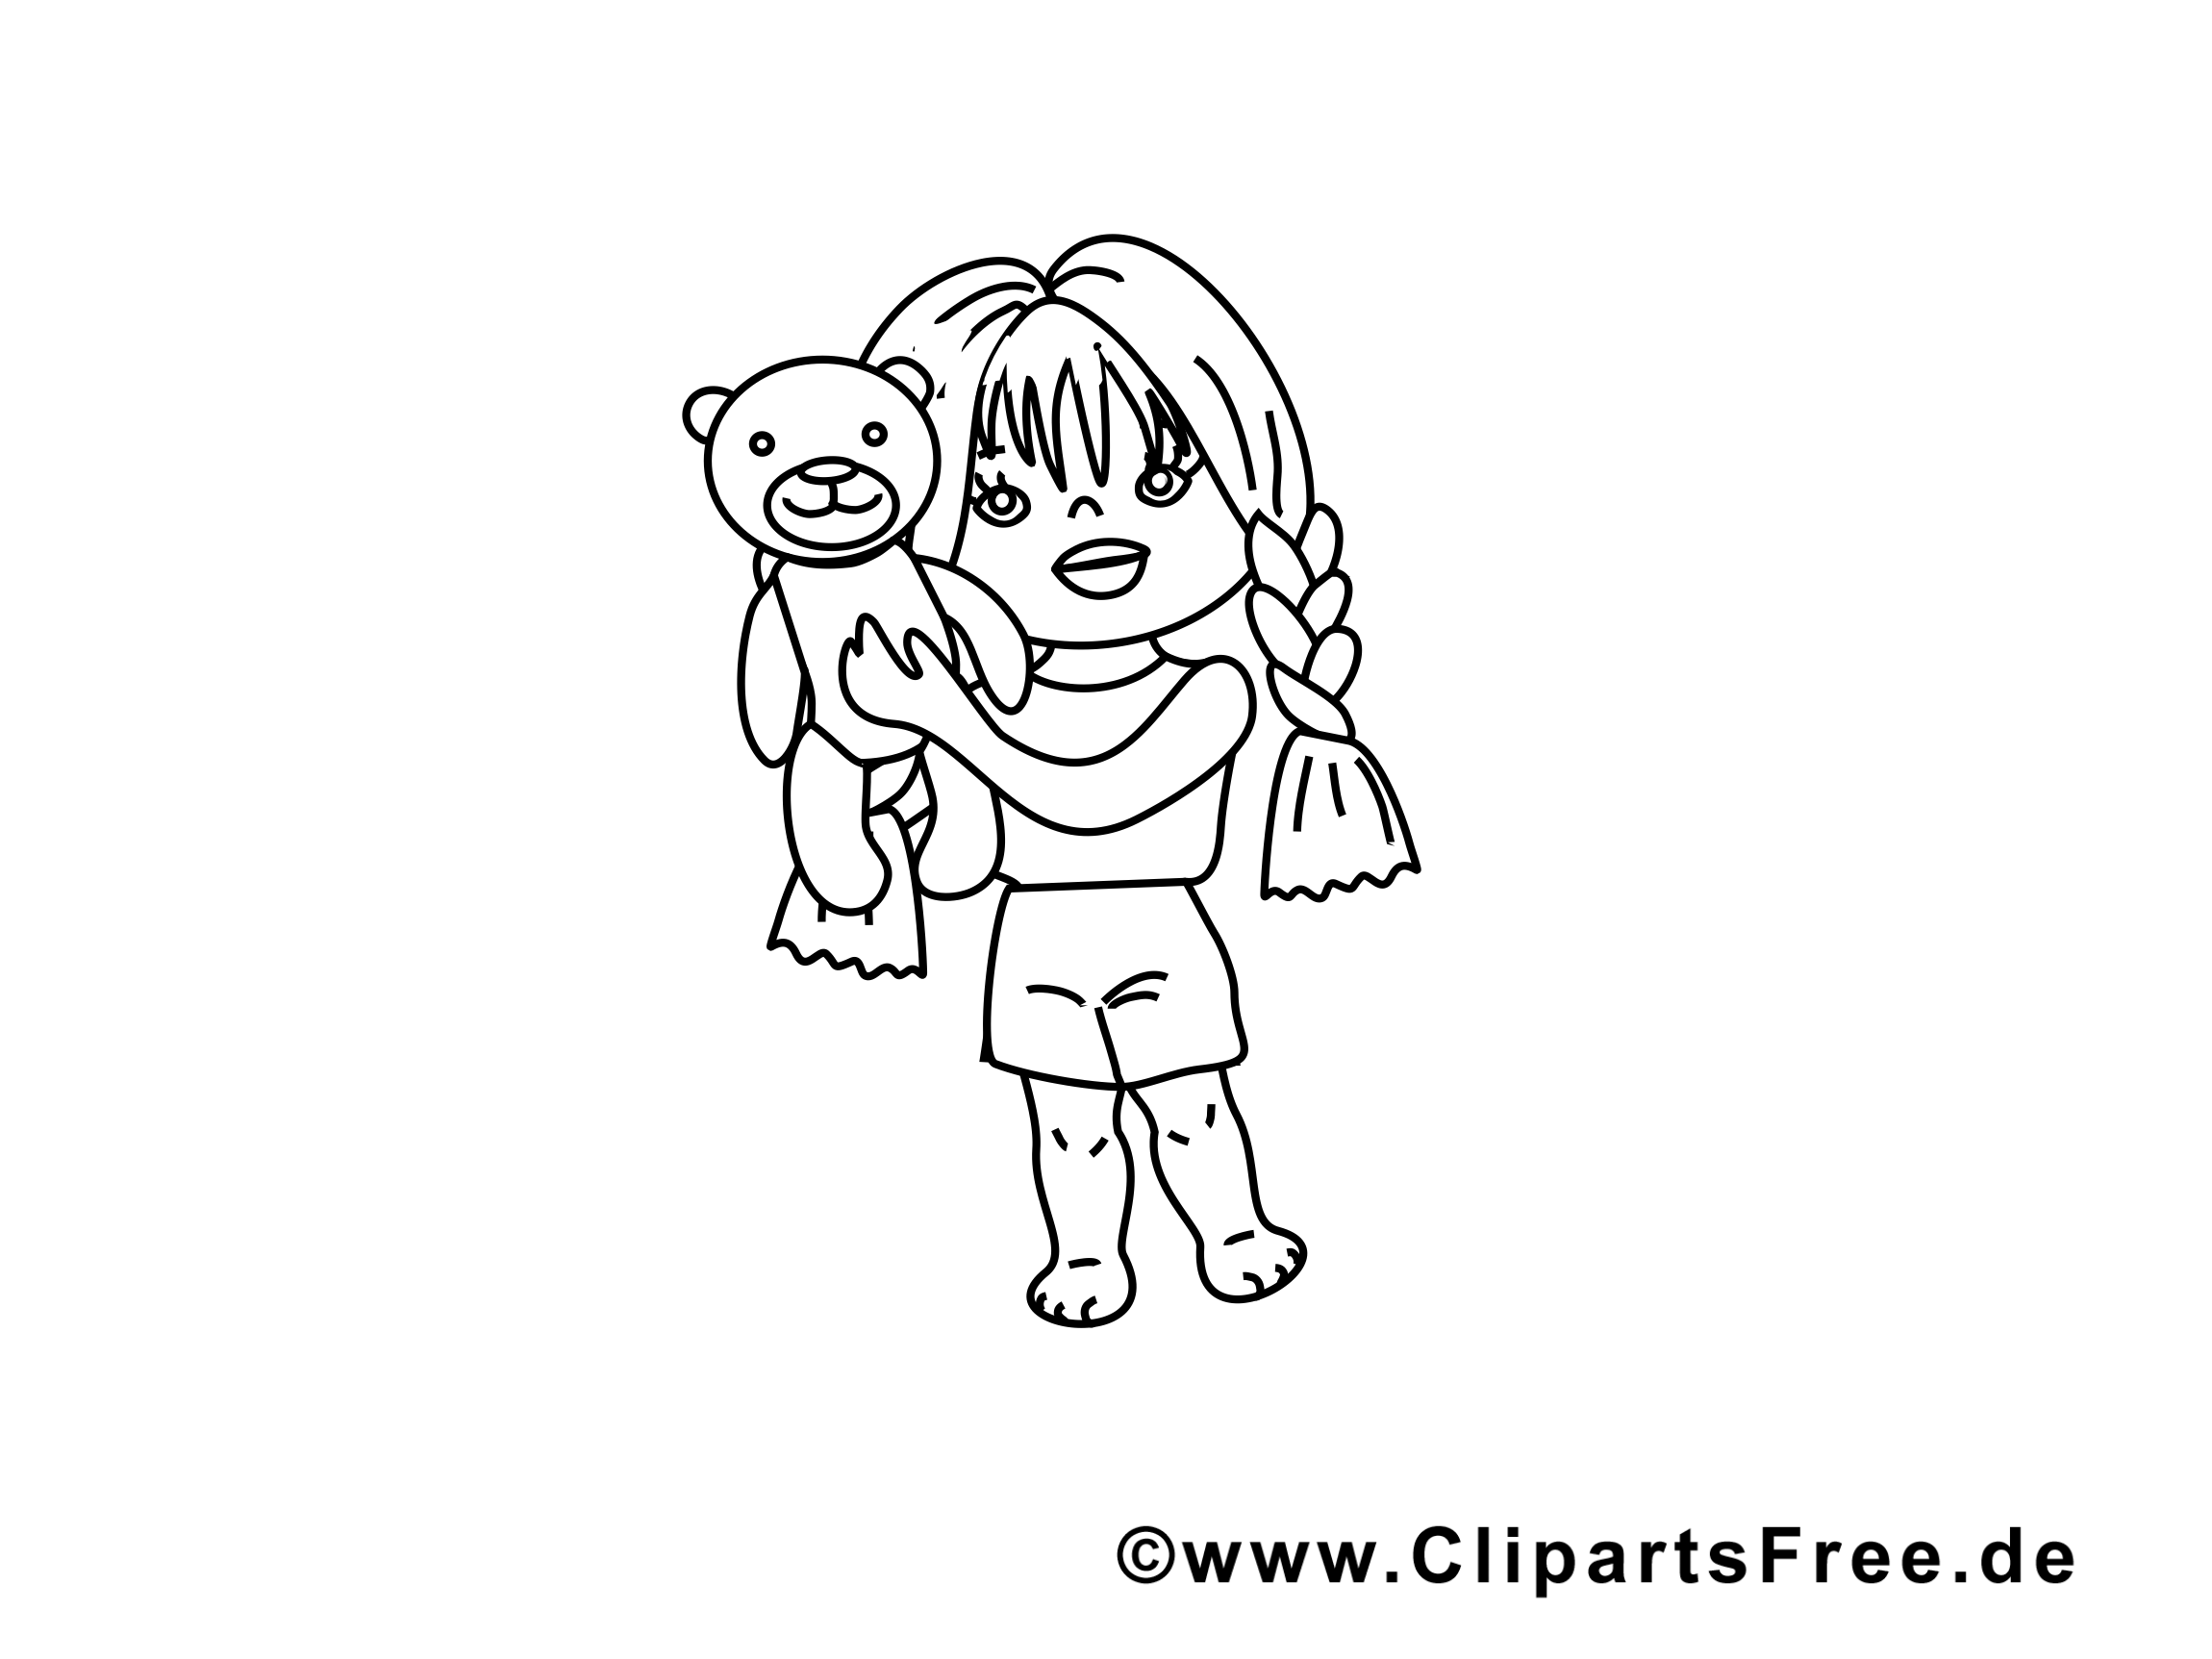 Ours en peluche image gratuite – Maternelle à colorier